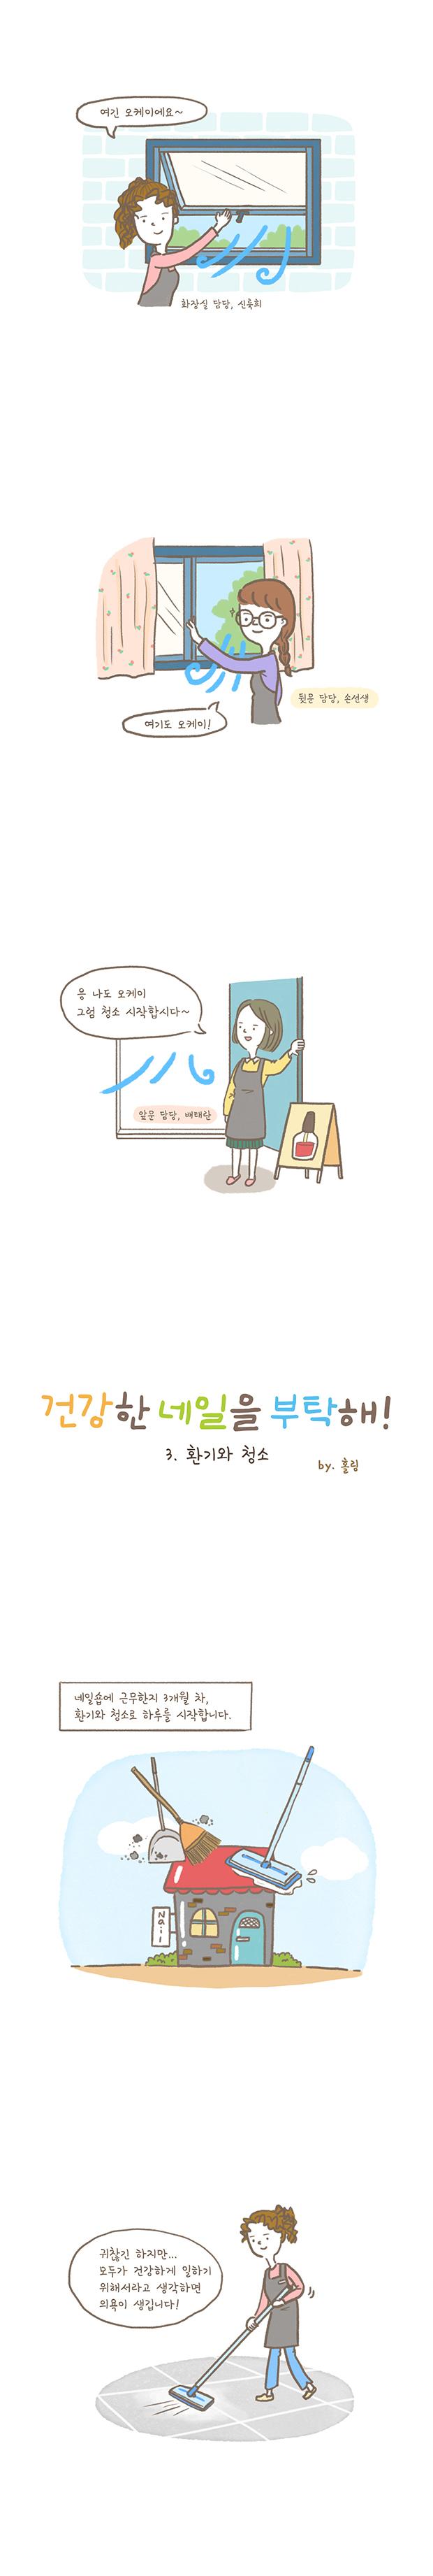 웹툰_종사자용(환기와청소)1